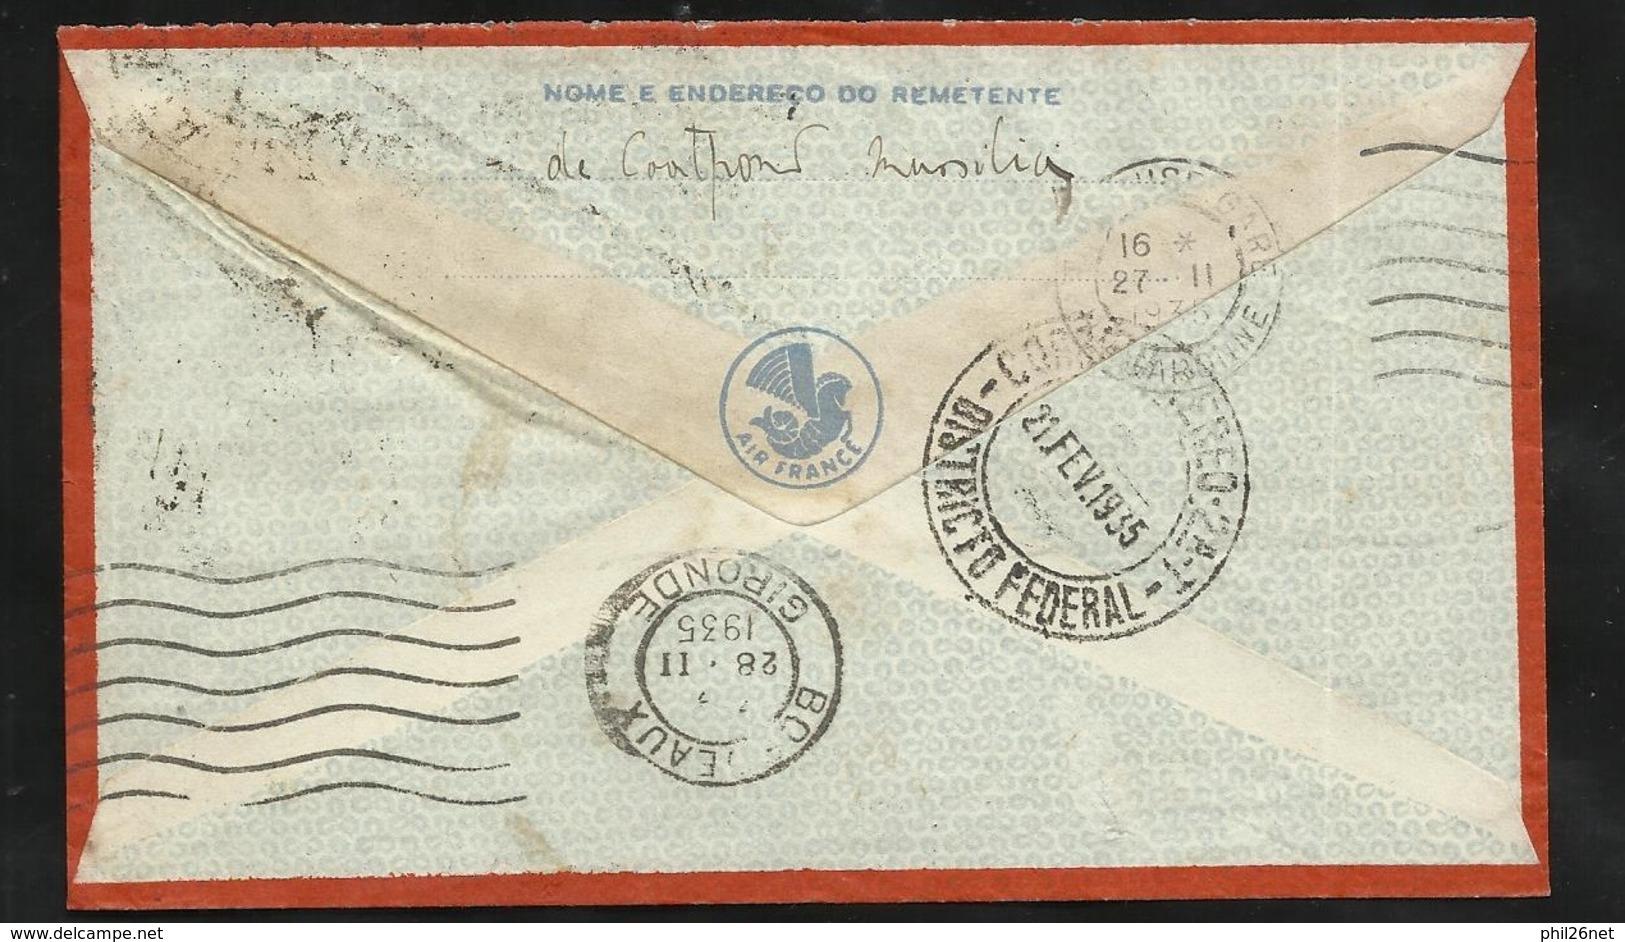 Lettre Avion Air France Praca Maua (Rio) 21/02/1935 N° 261 Et 180x2 à Bordeaux Le 28/02 Via Toulouse Le 27/02/1935 B/ TB - Covers & Documents